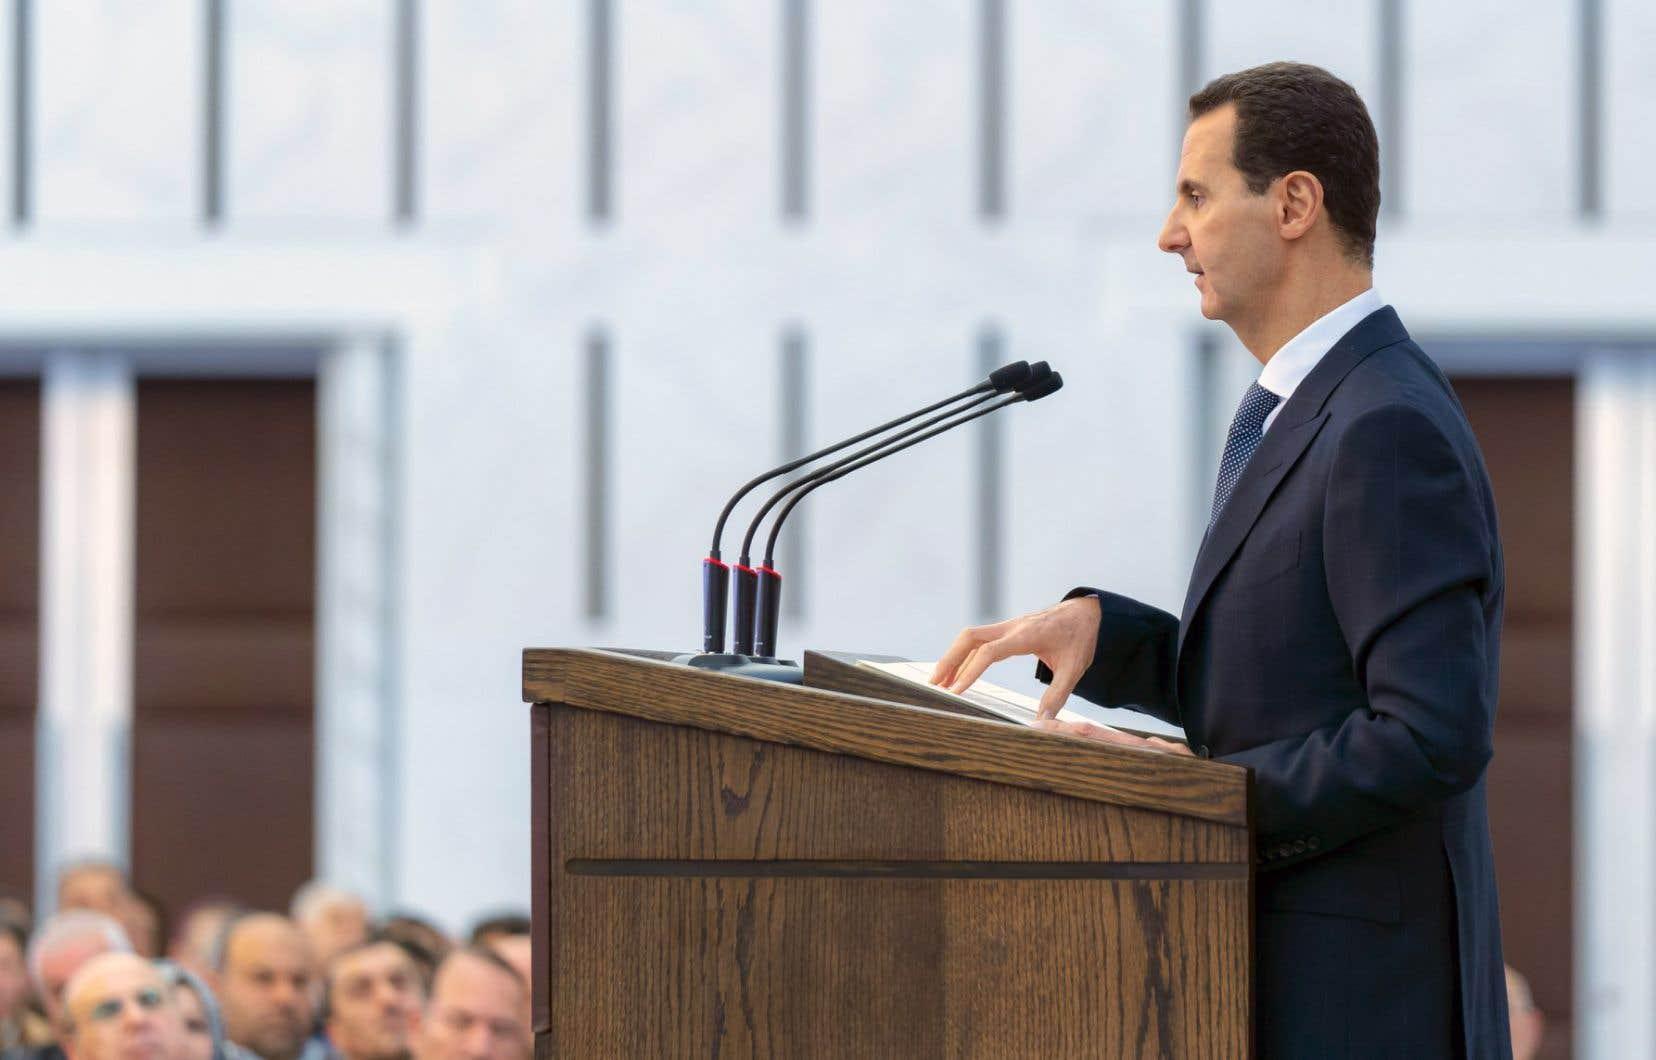 «Chaque pouce de la Syrie sera libéré et tout intrus sera un ennemi», a affirmé Bachar Al-Assad.